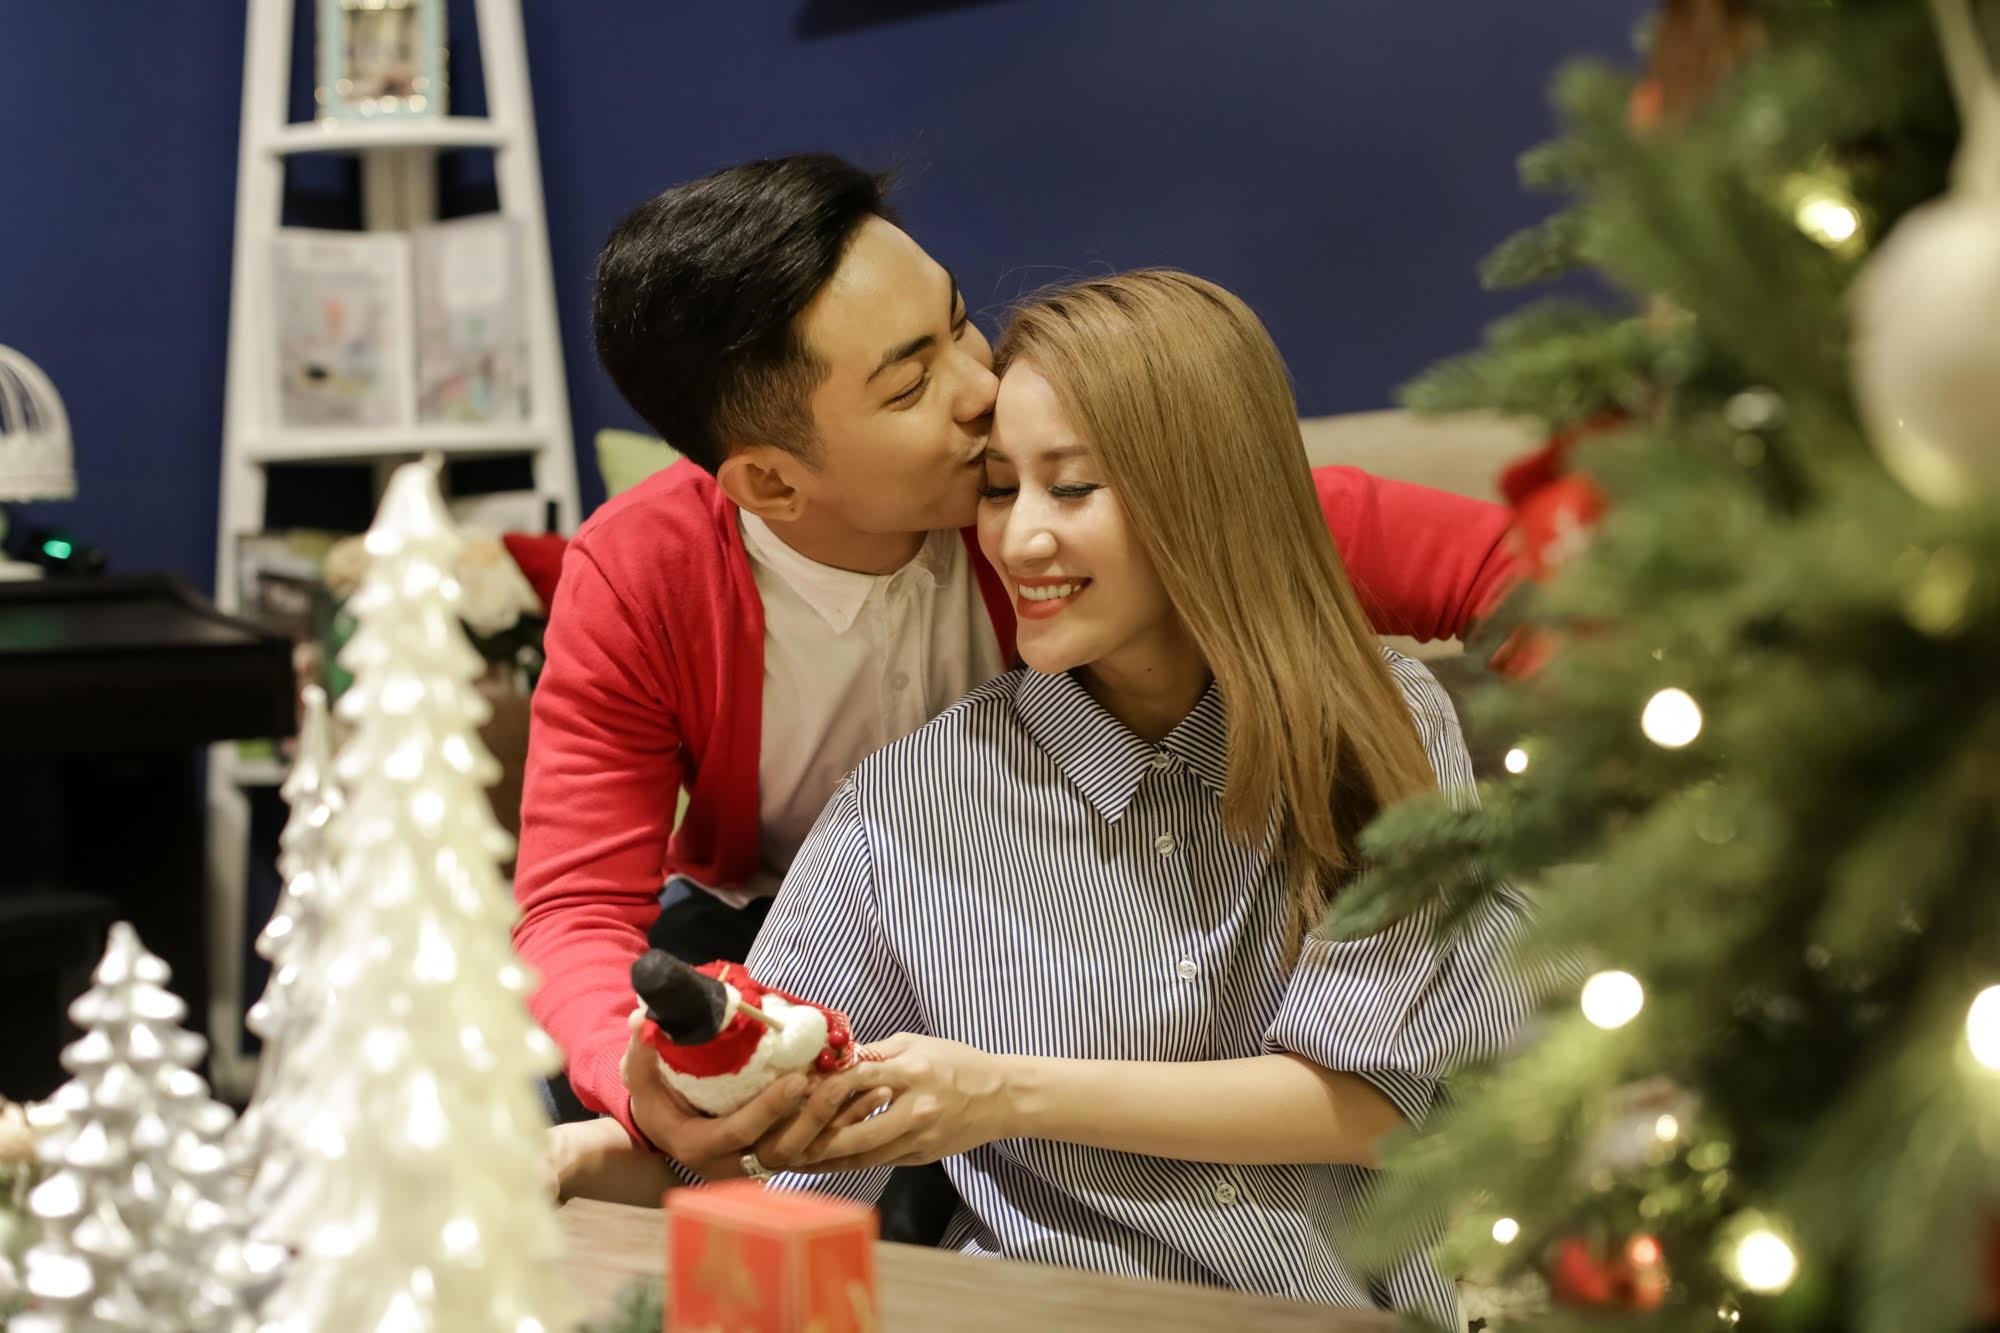 Những lời chúc mừng giáng sinh ngọt ngào sẽ khiến trái tim nàng tan chảy trong mùa đông lạnh giá